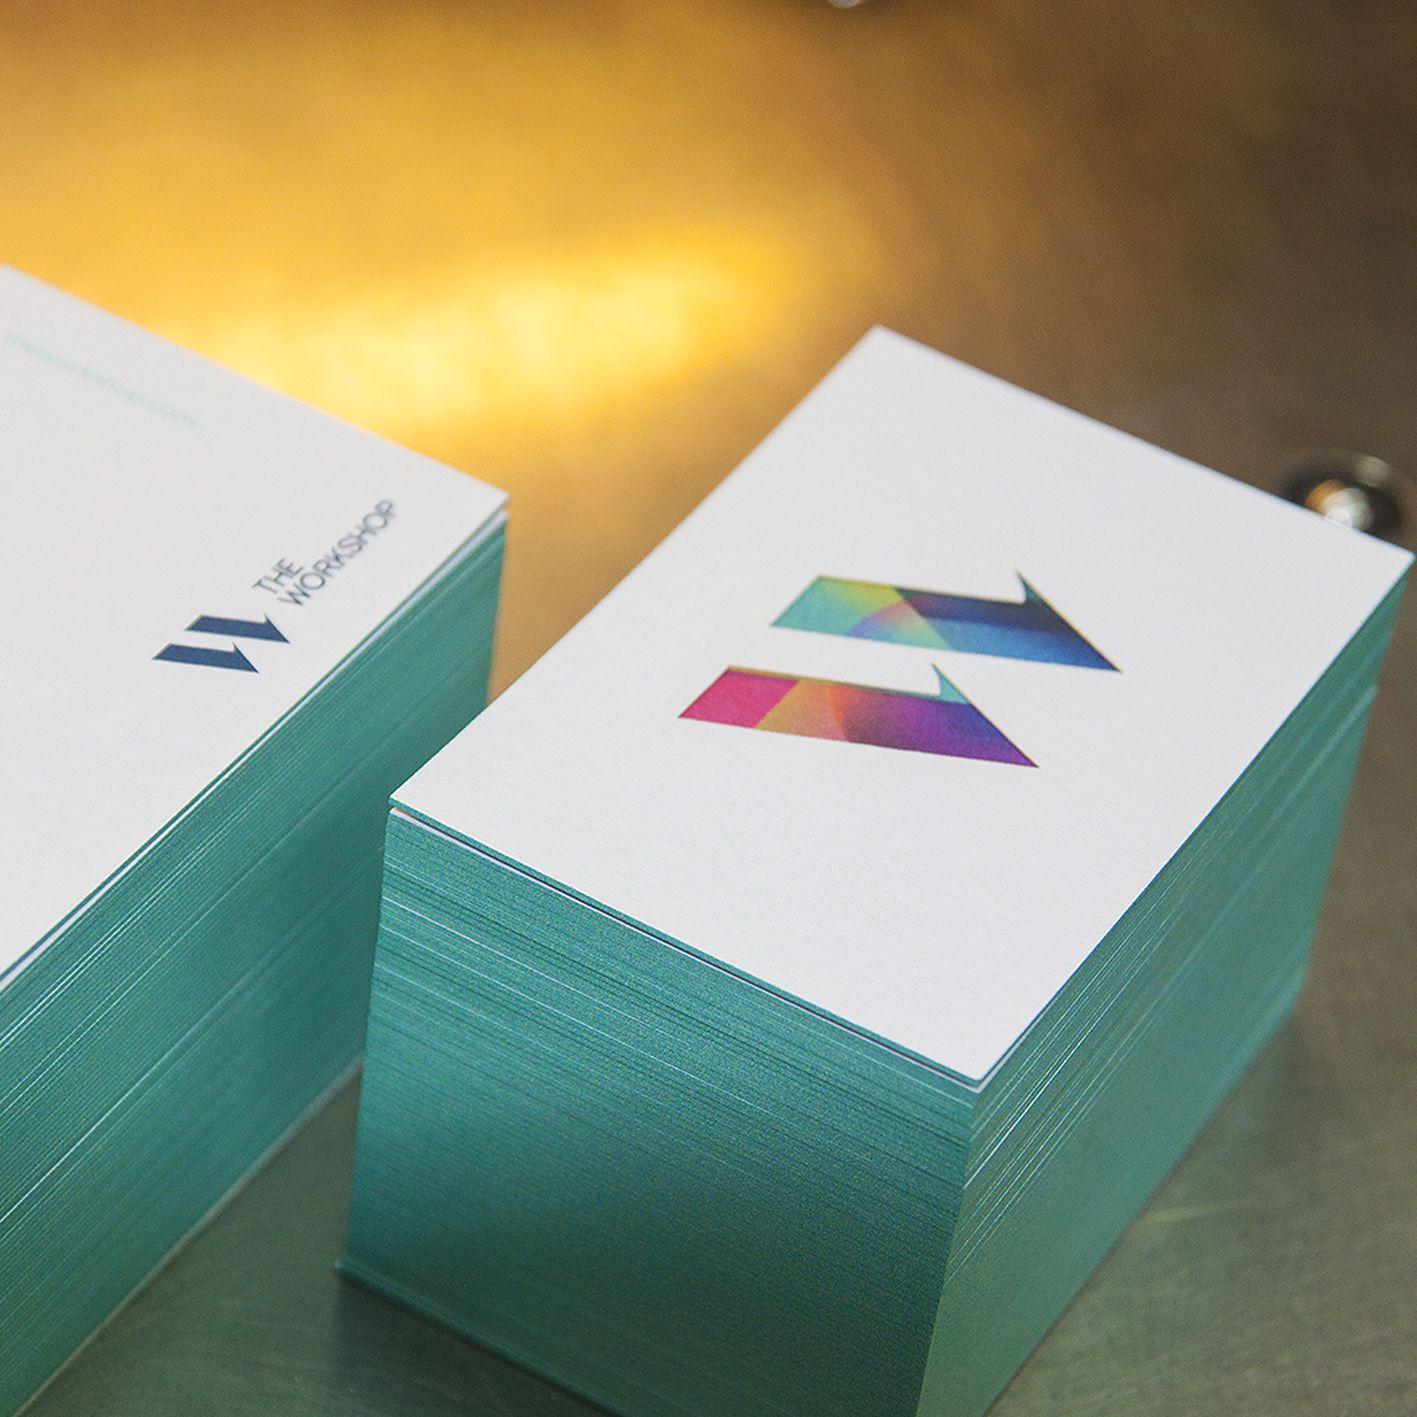 Schicke Visitenkarten Kanten Mit Farbschnitt Aus 2 Bogen